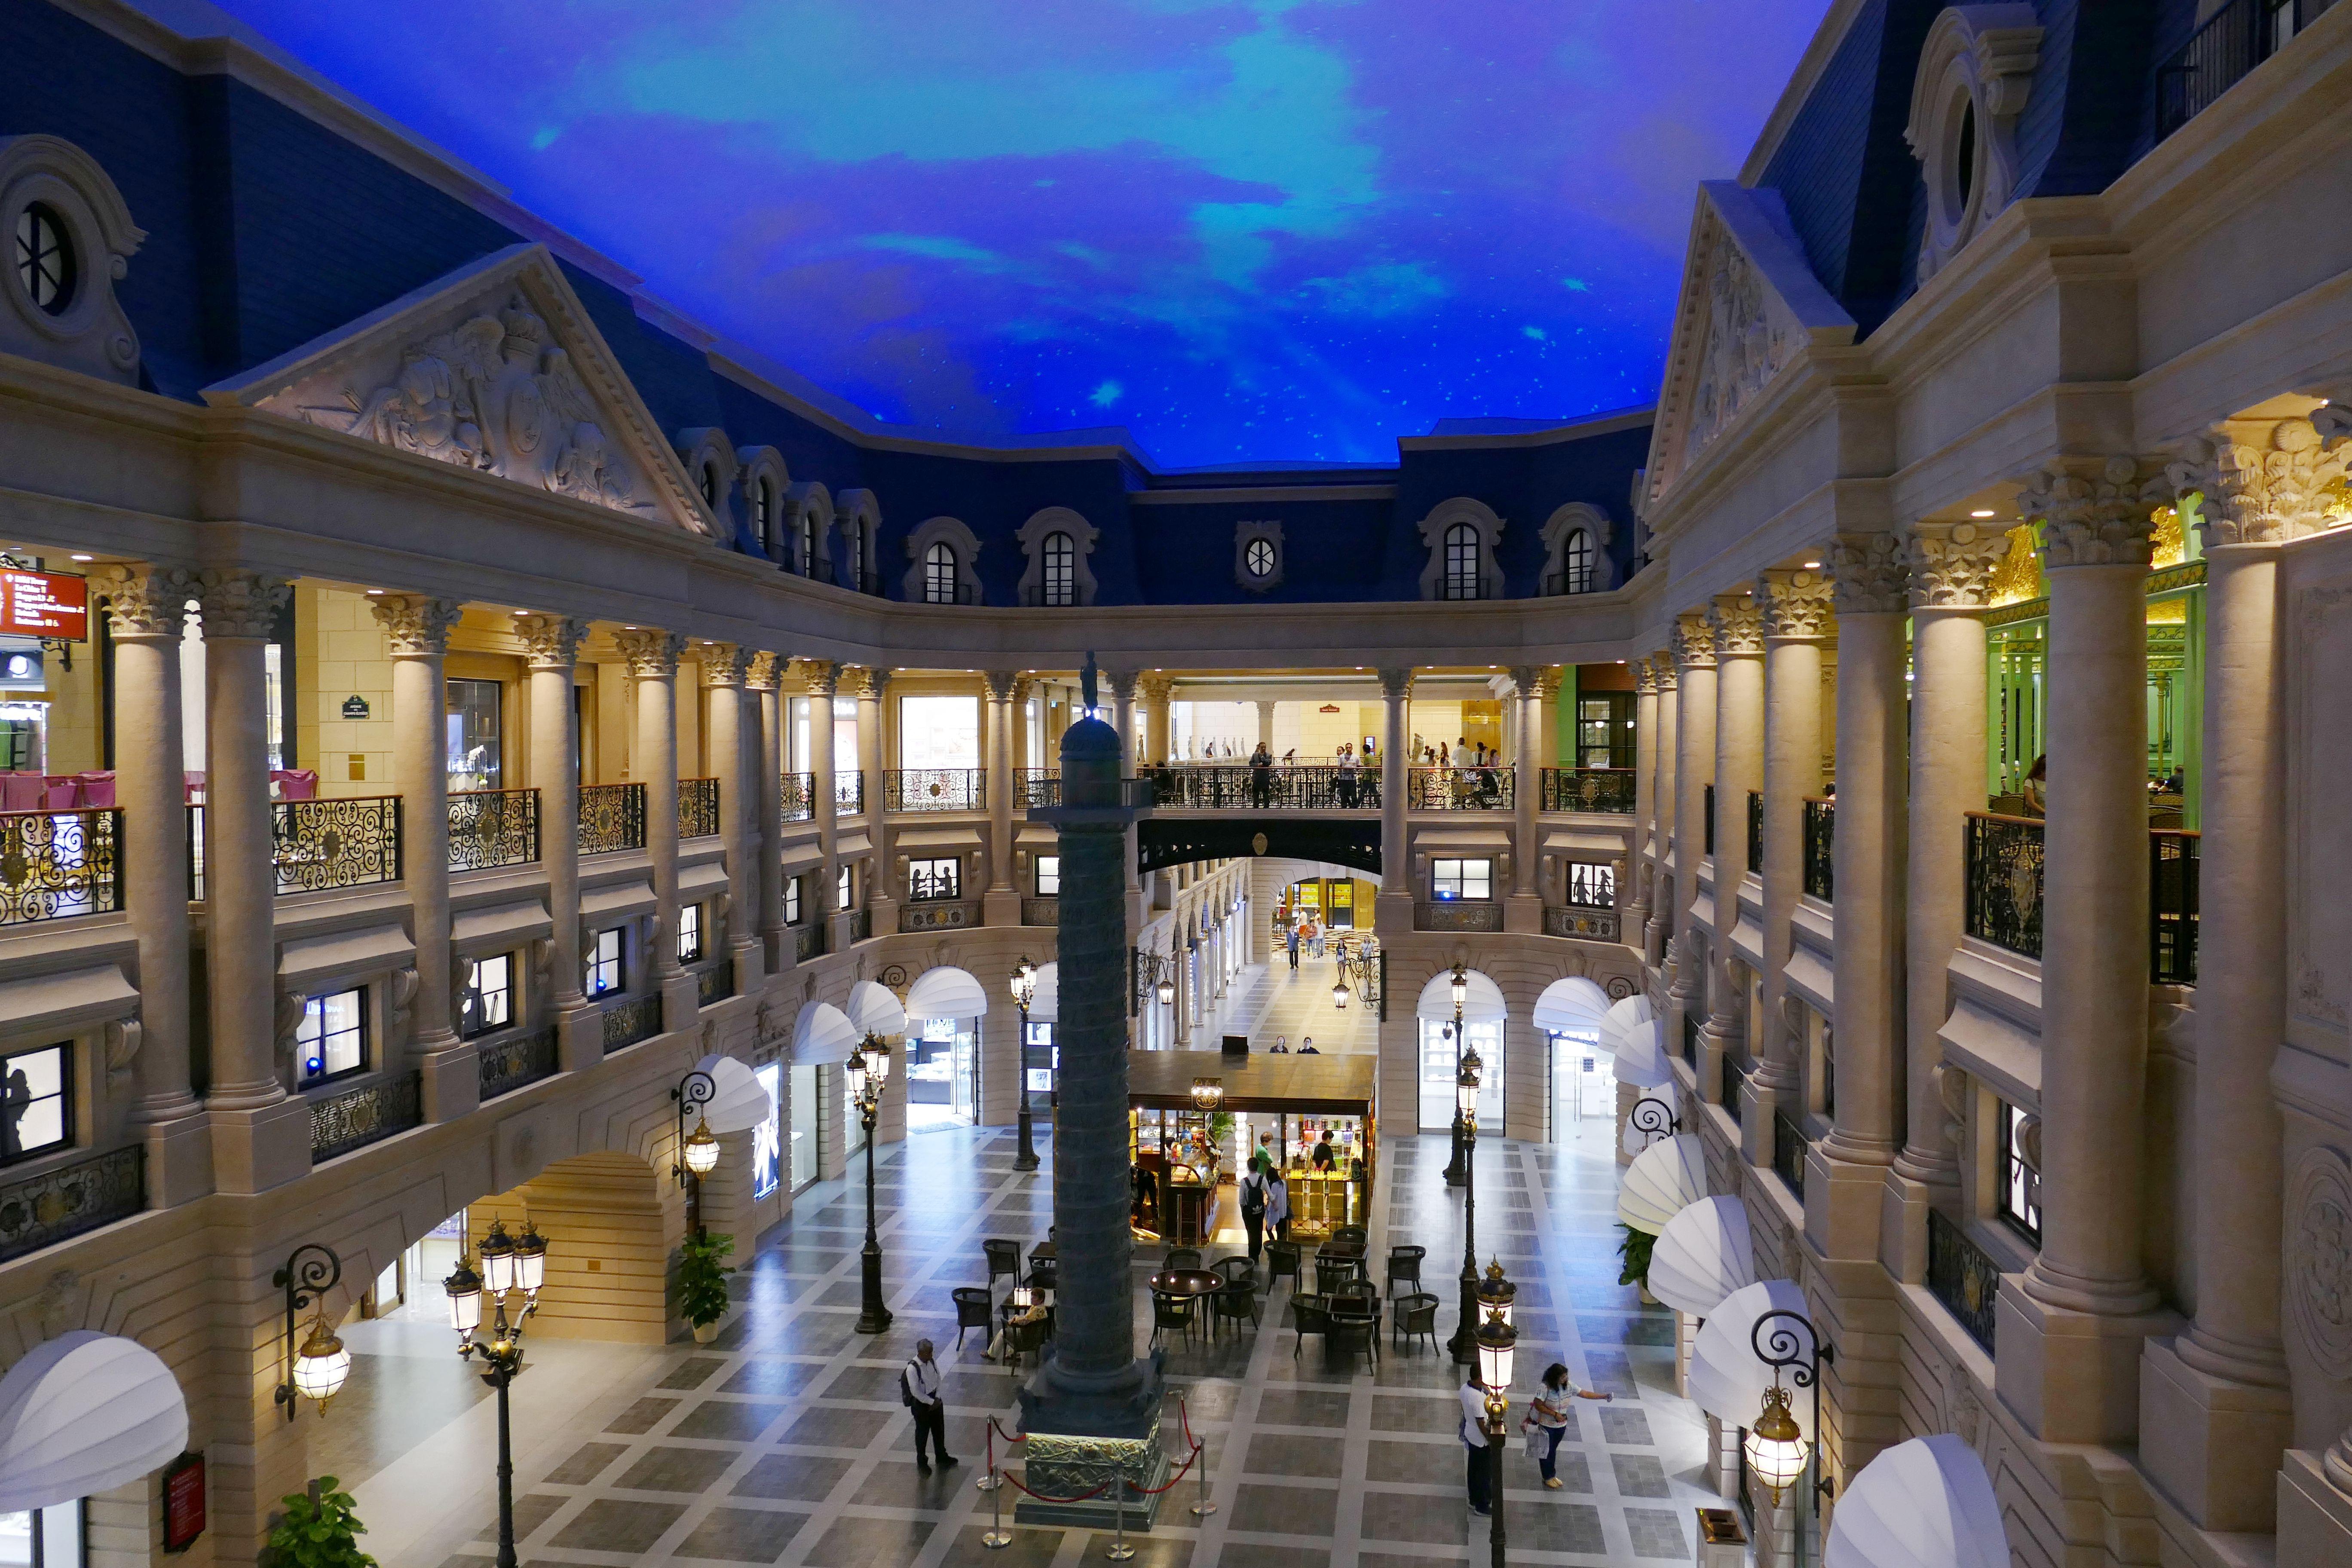 Centre Commercial Palais Des Congrès images gratuites : architecture, bâtiment, palais, paris, place